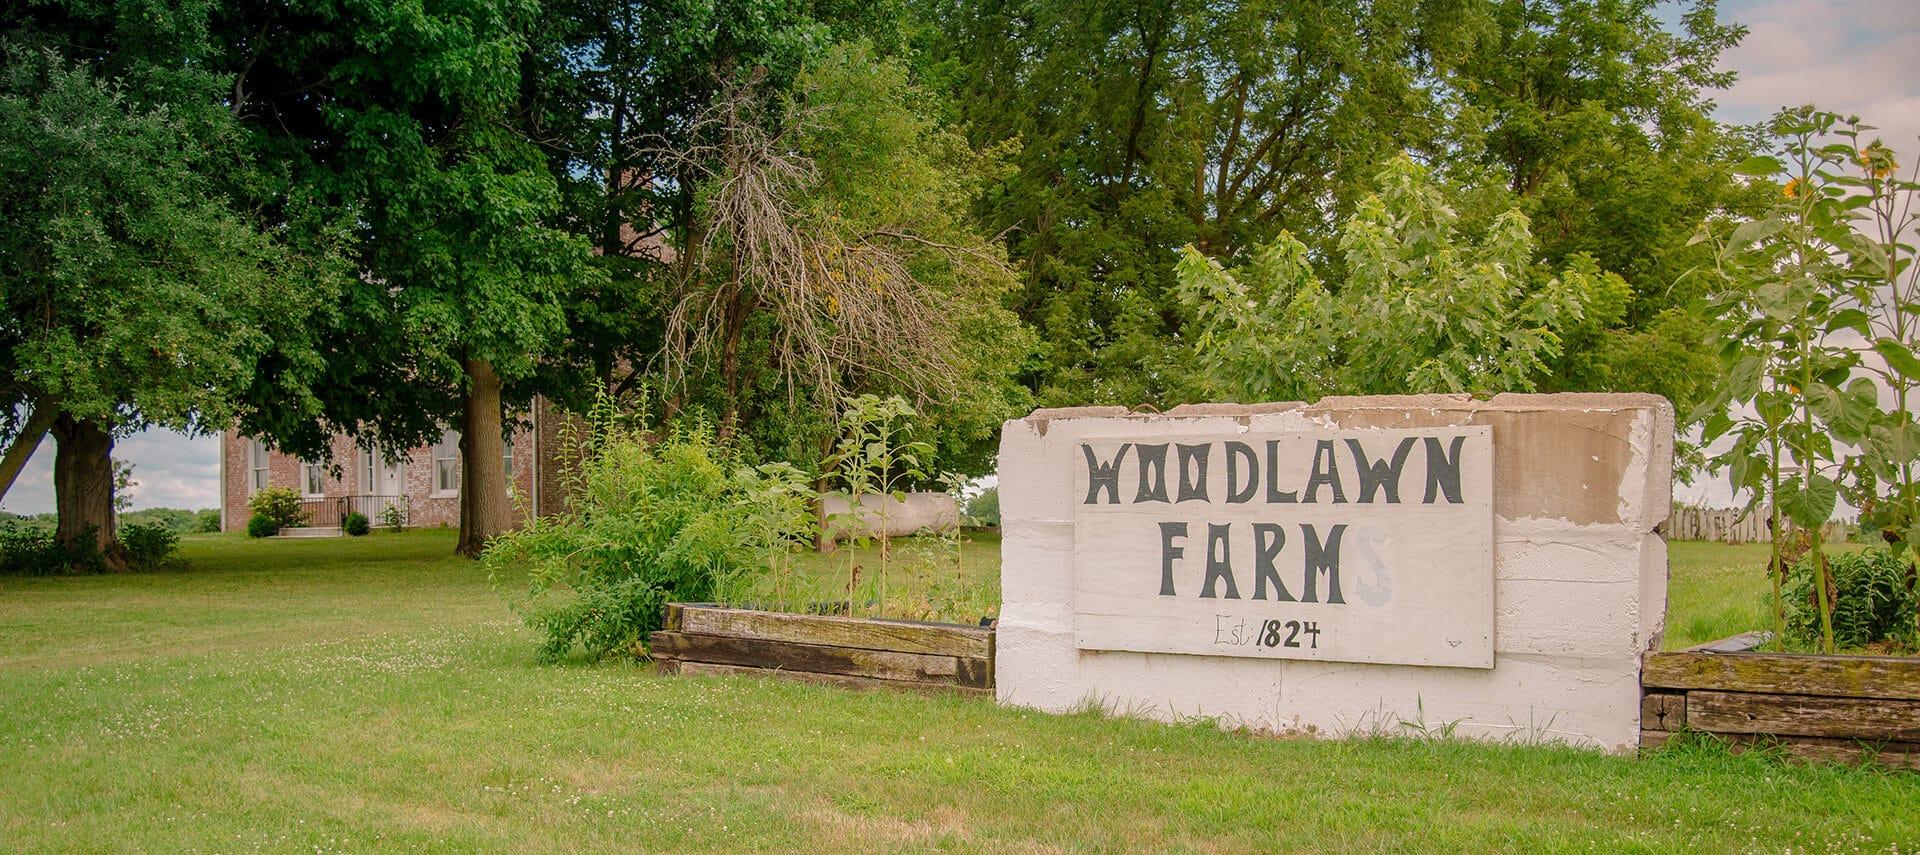 rustic Woodlawn Farm sign